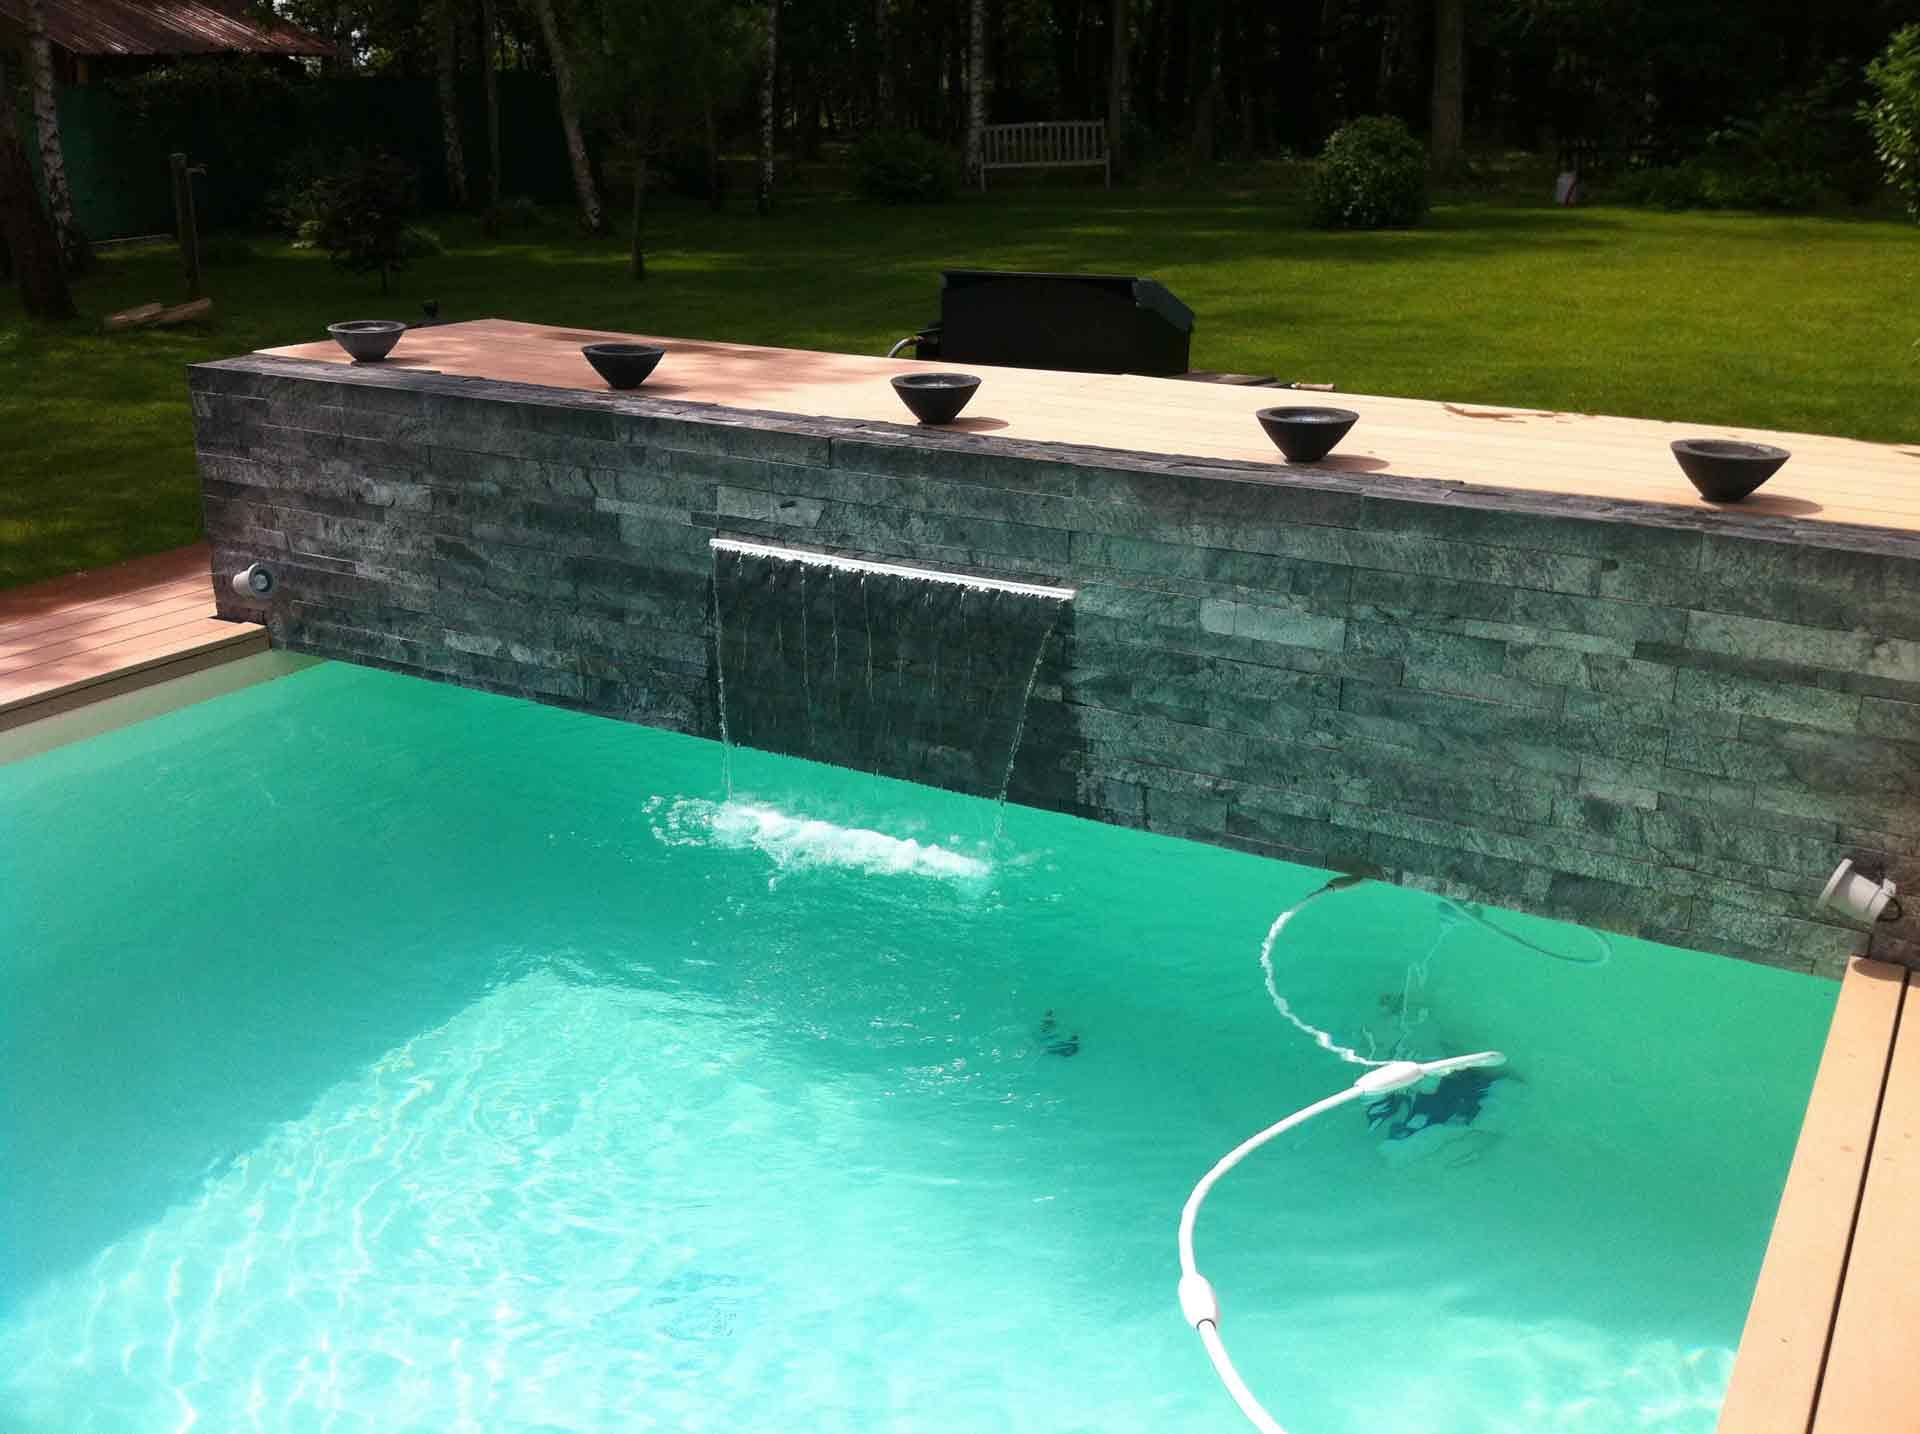 Conception de piscines saint pryv saint mesmin vers orl ans 45 - Piscine couverte maison orleans ...